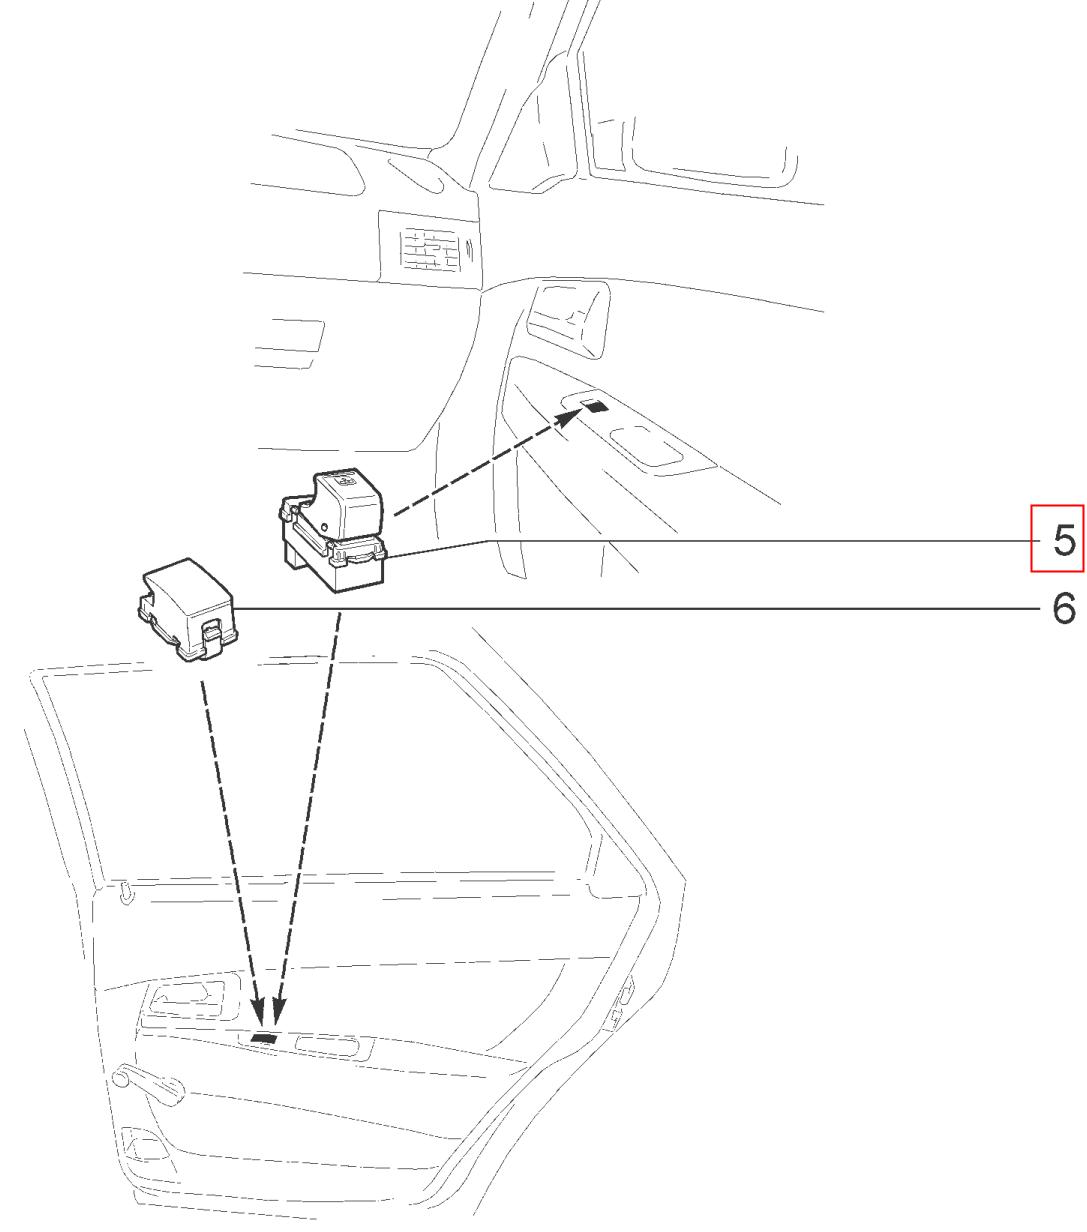 """Положение переключателя АВАР 51.3769 на схеме """"Каталога деталей и сборочных единиц Lada Priora"""""""